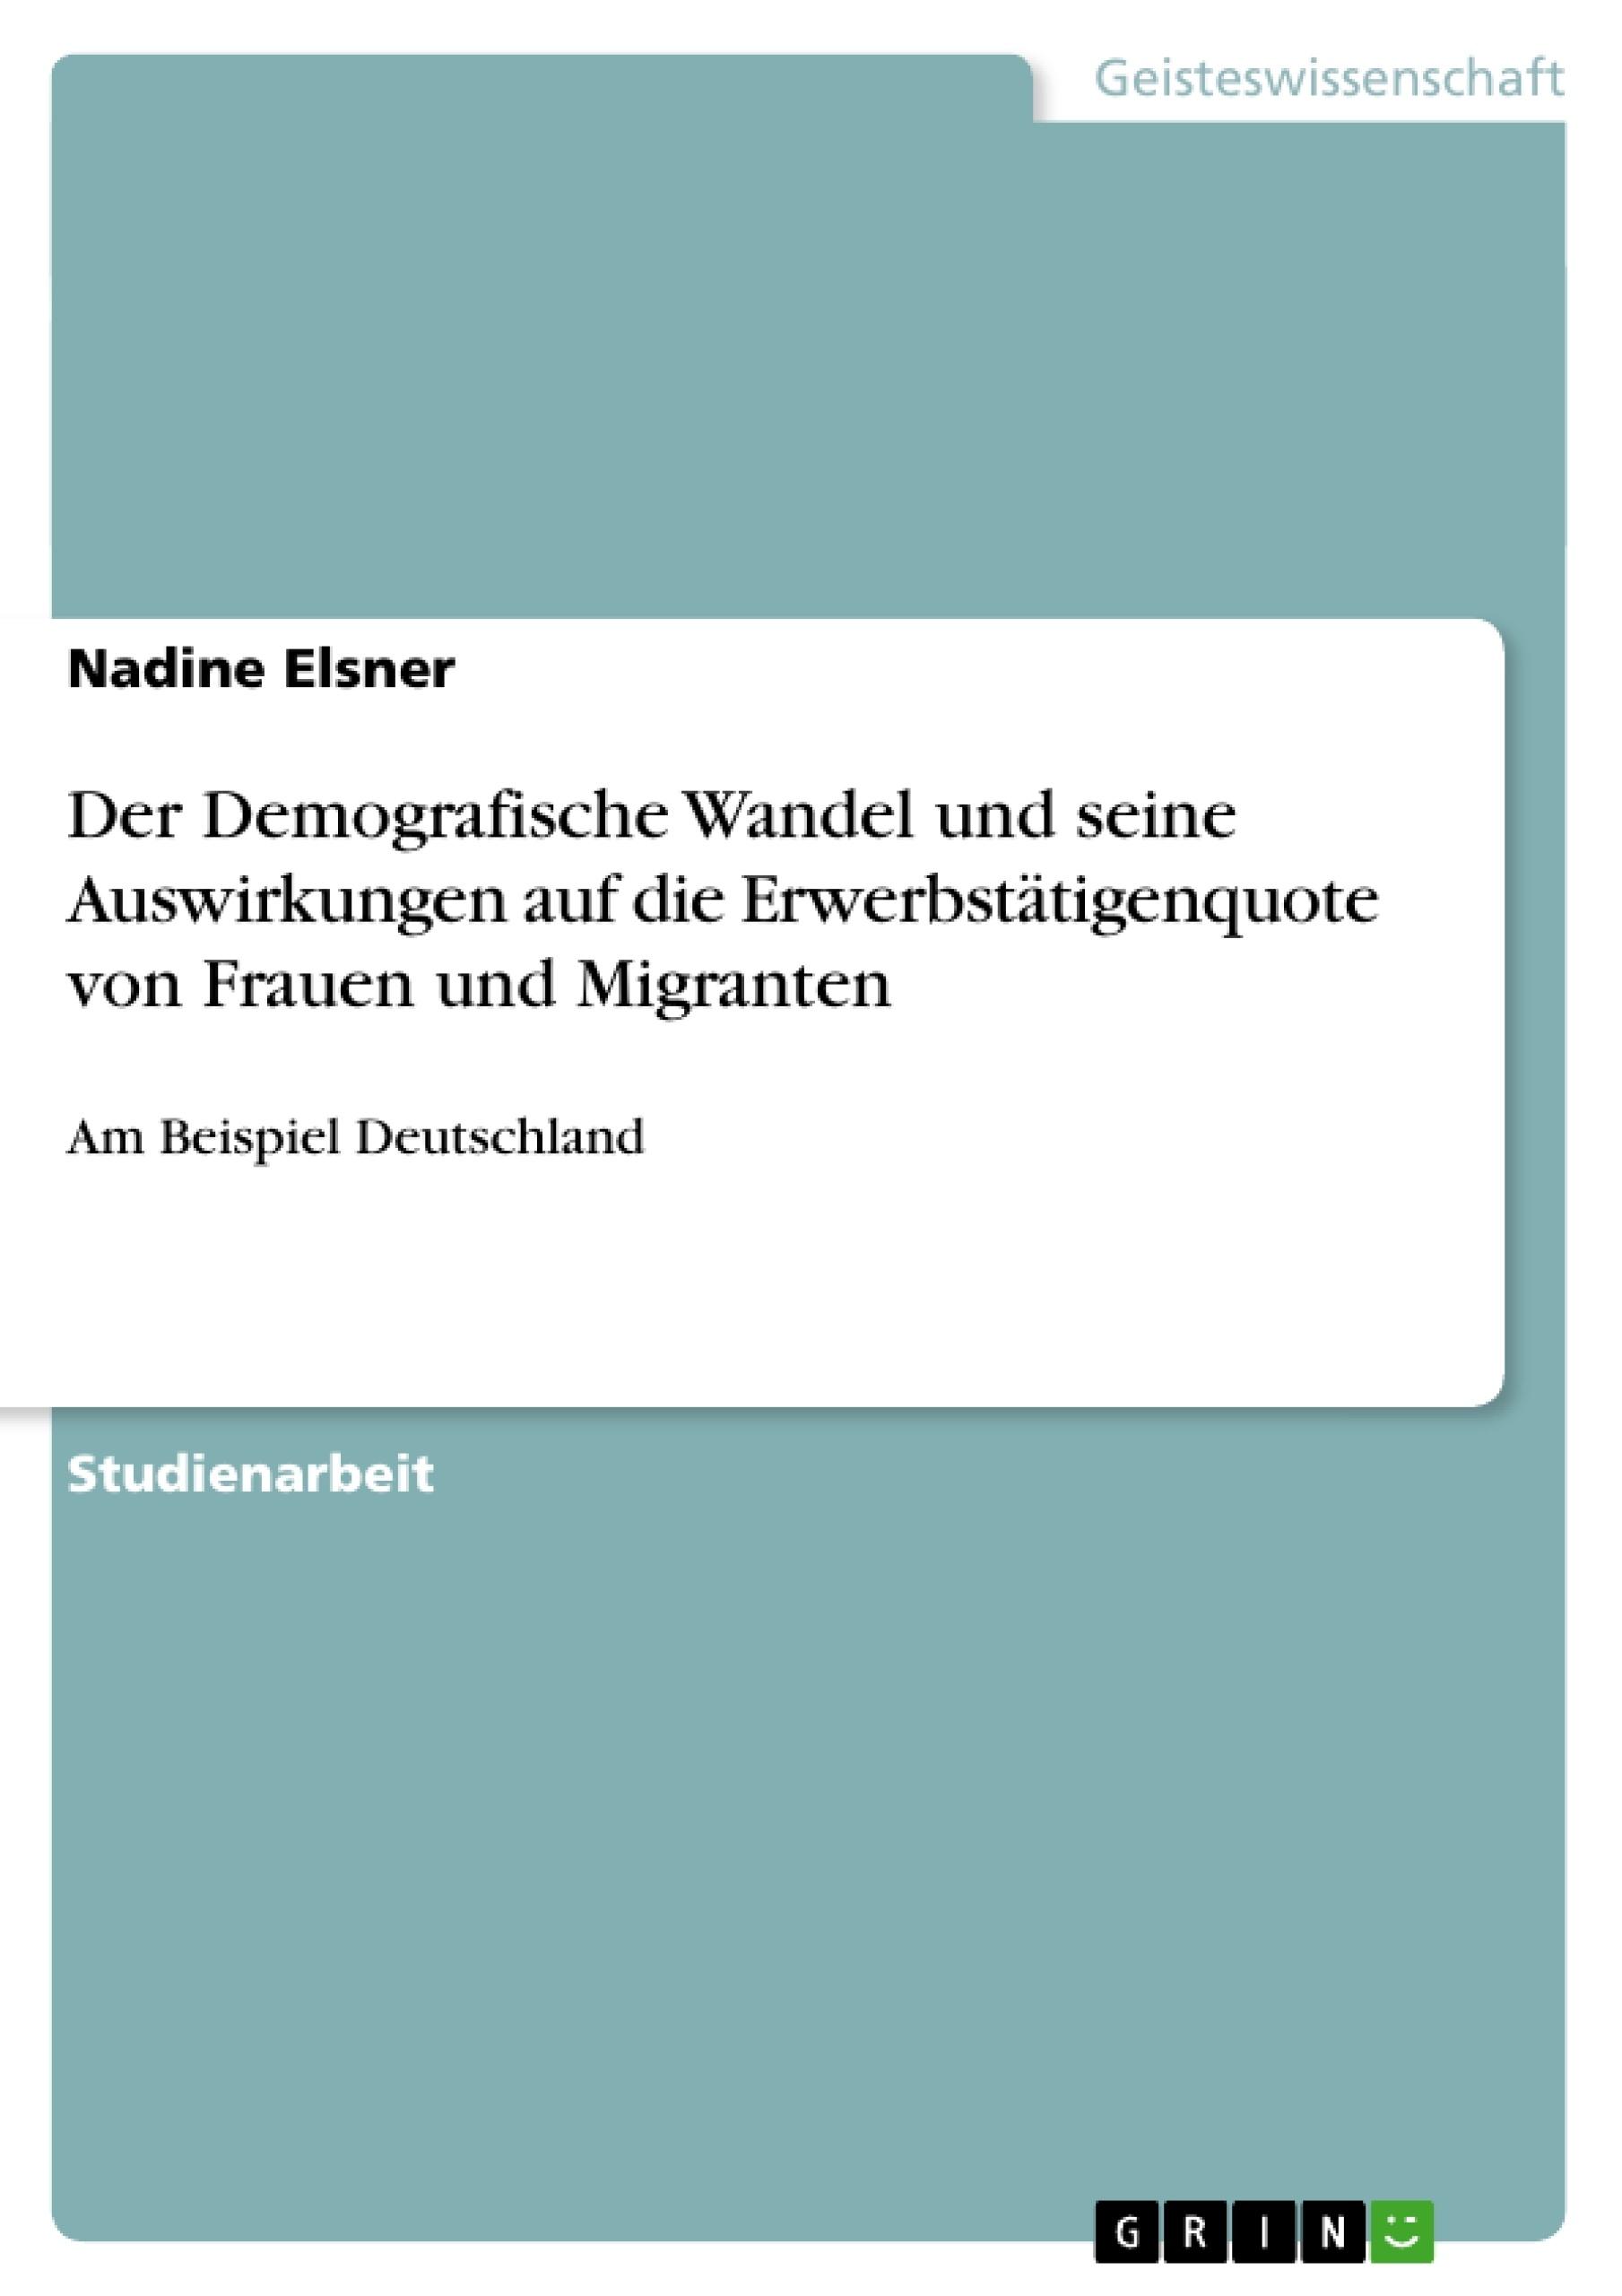 Titel: Der Demografische Wandel und seine Auswirkungen auf die Erwerbstätigenquote von Frauen und Migranten